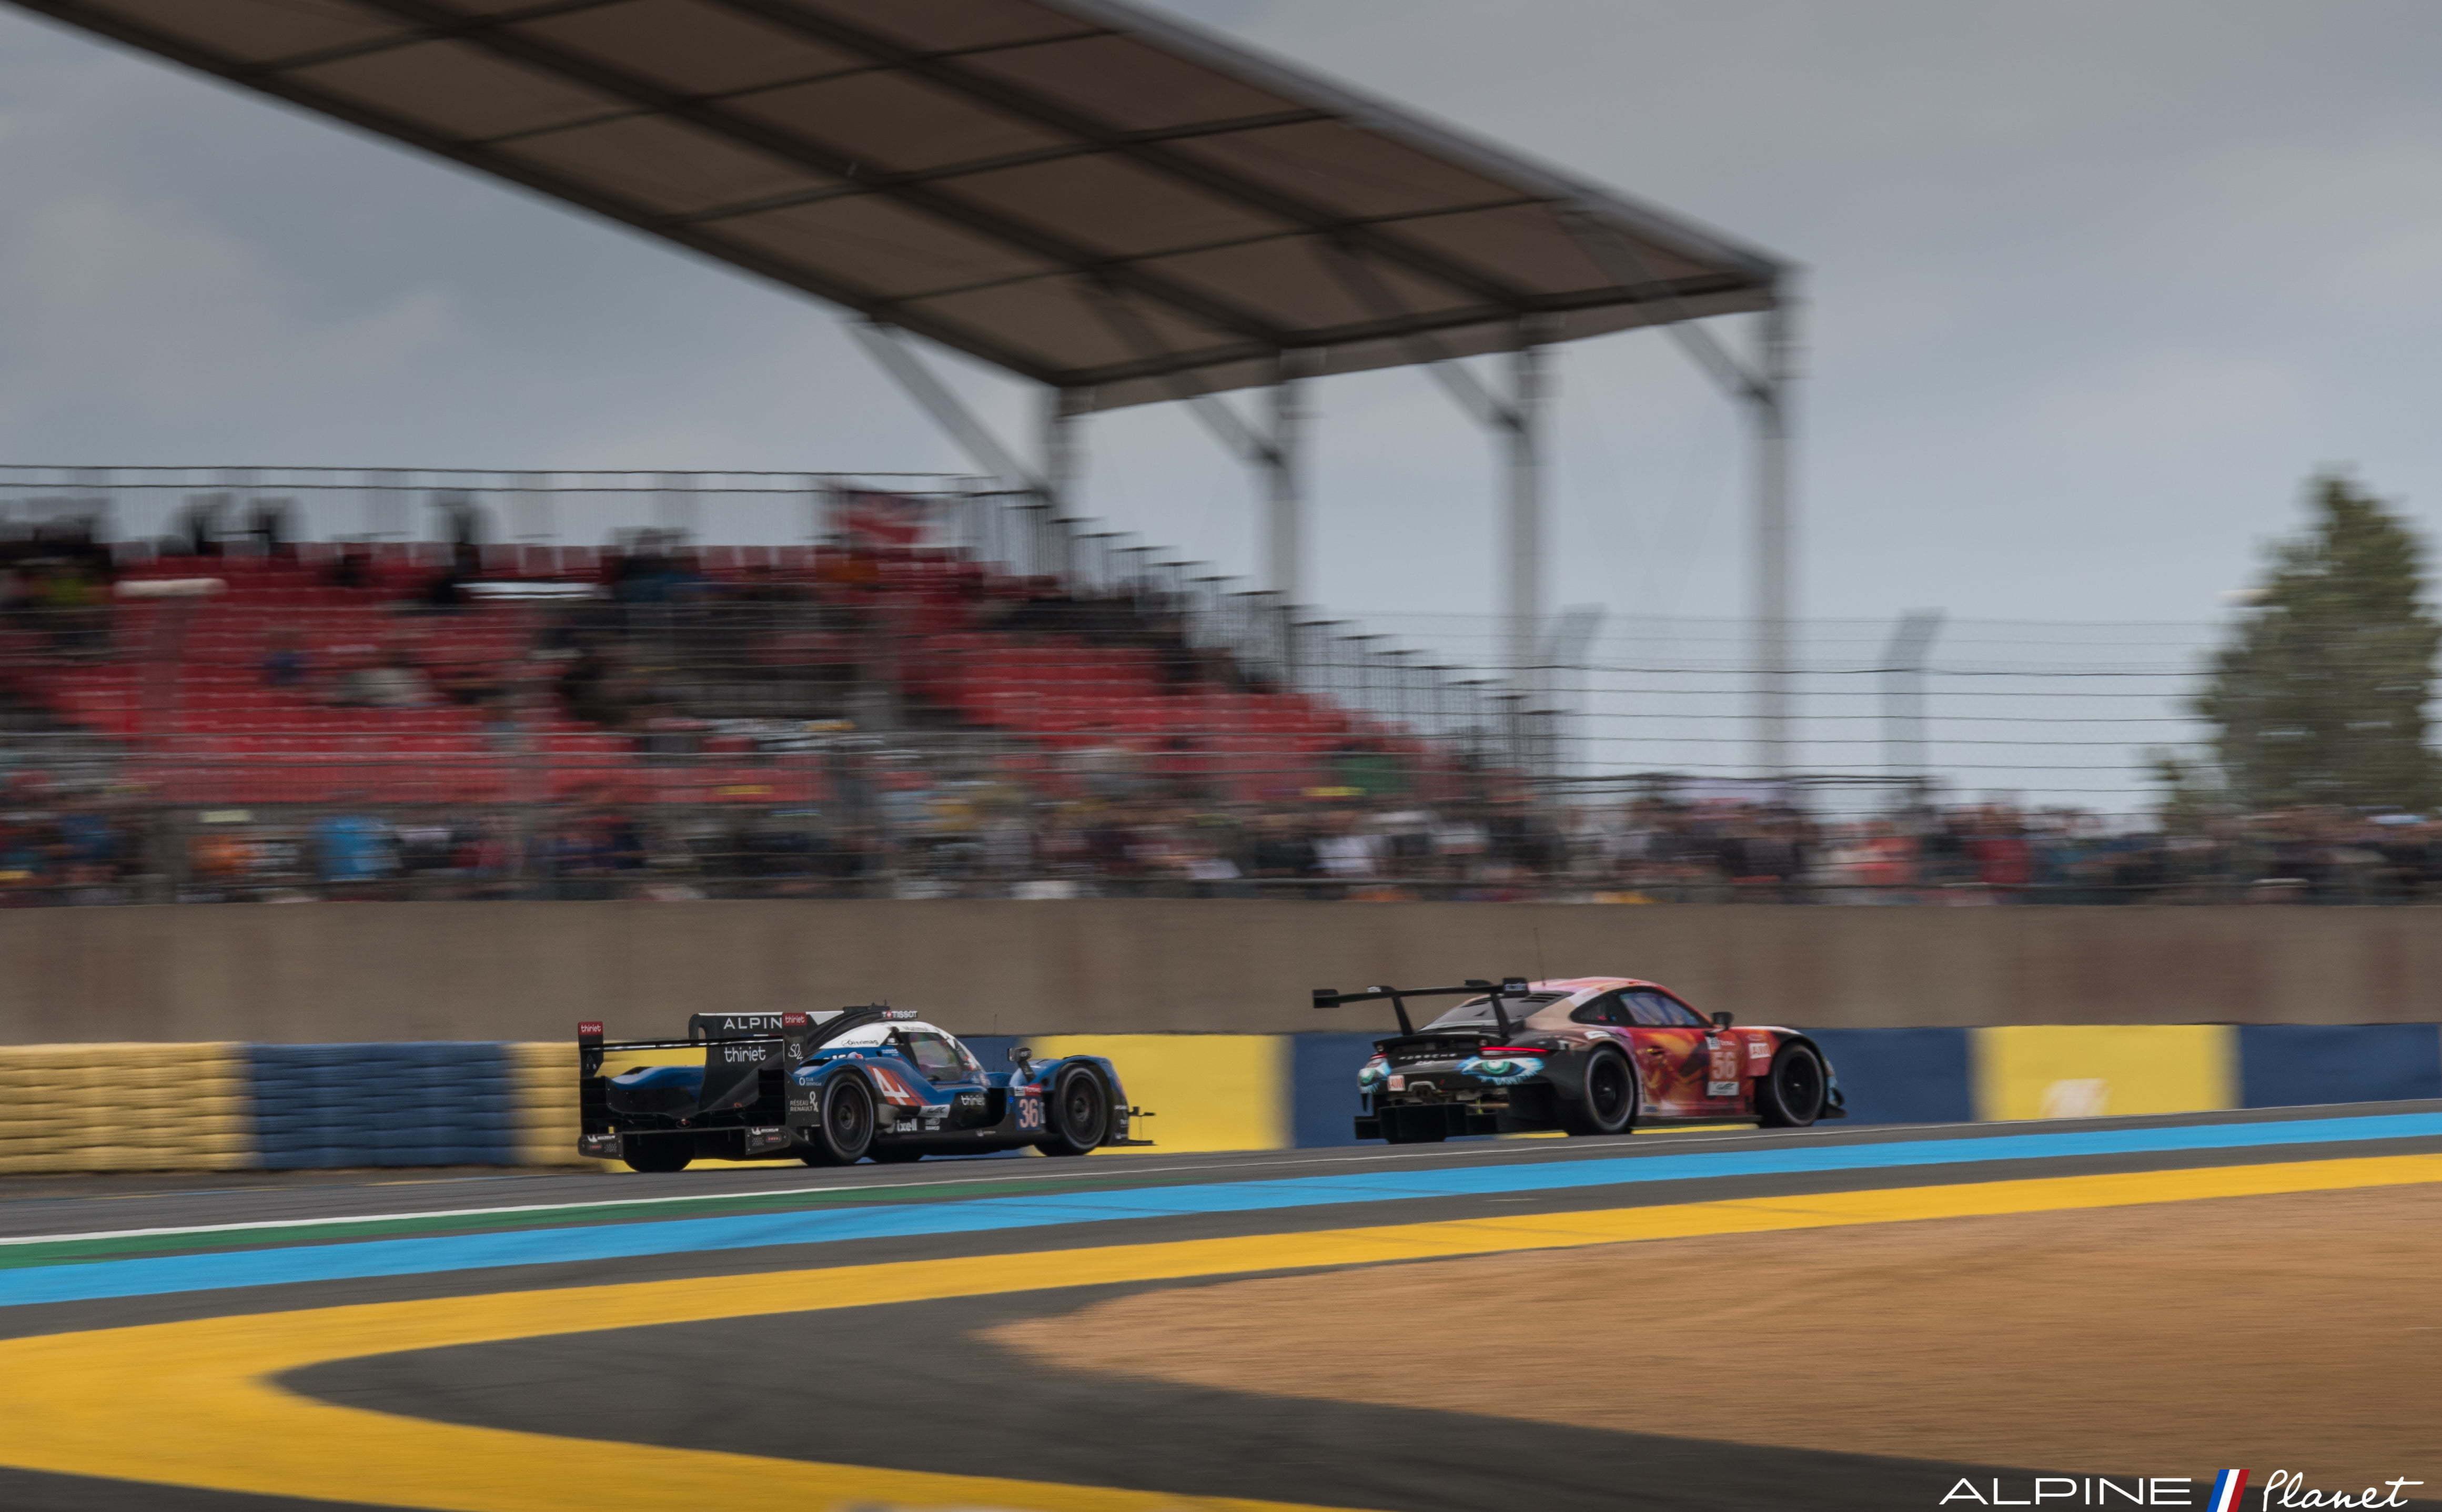 DSC1345 | Remise des prix FIA WEC Super Saison 2018-2019